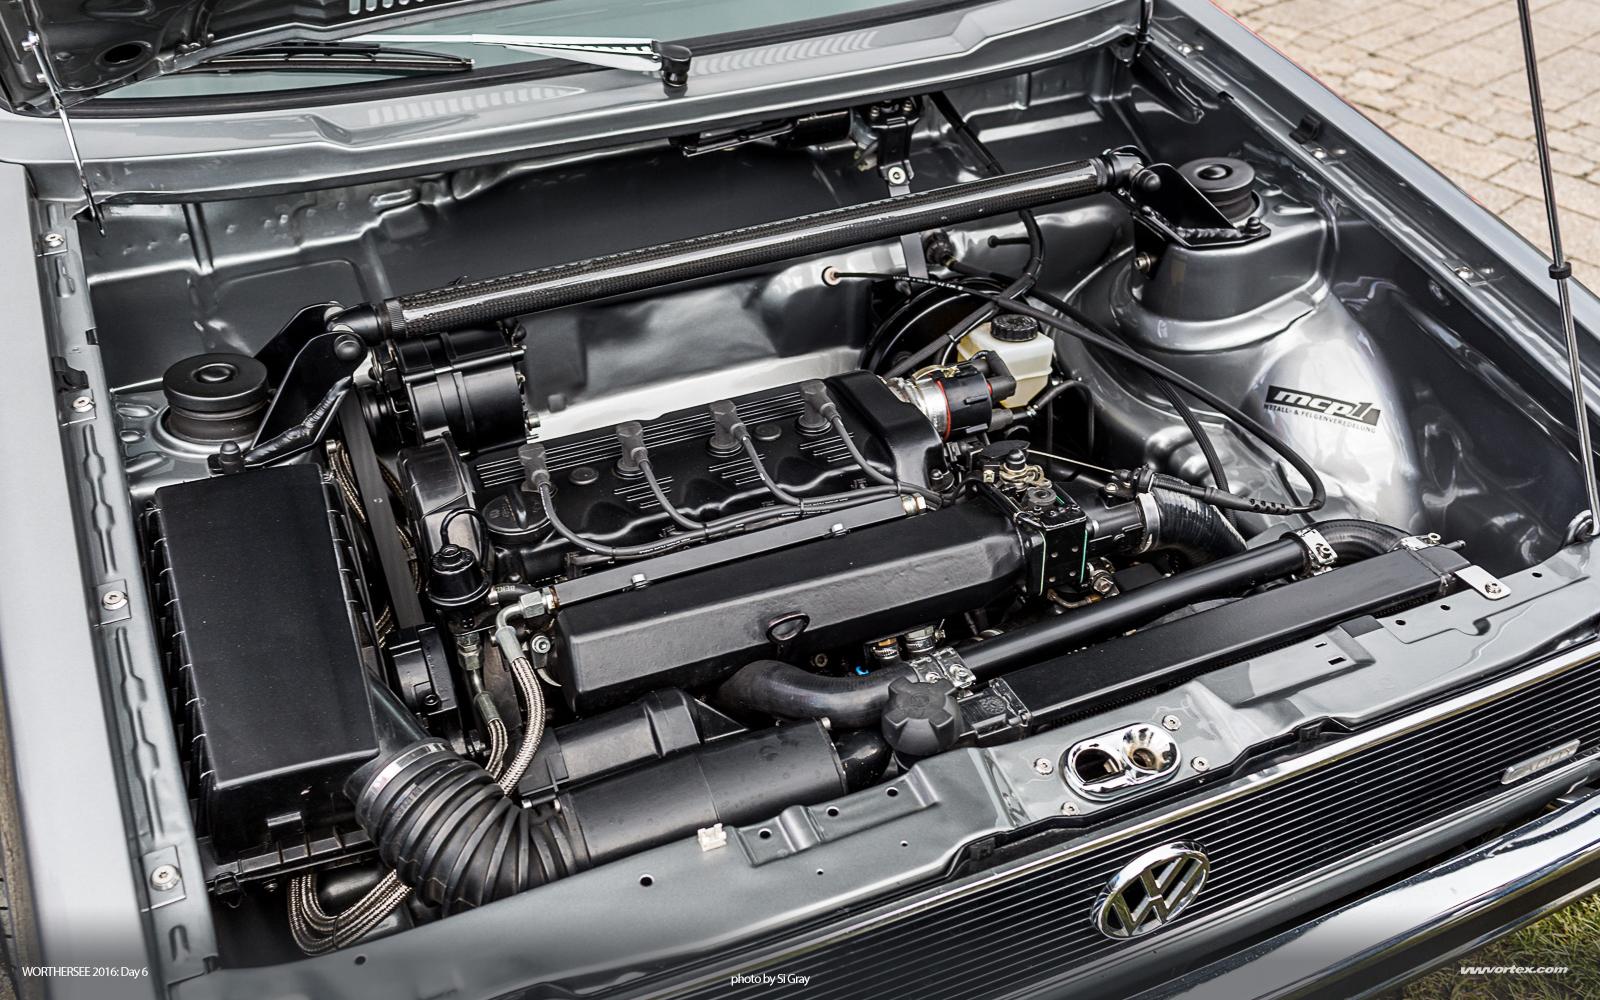 Audi A4 Usa My2017 B8 012